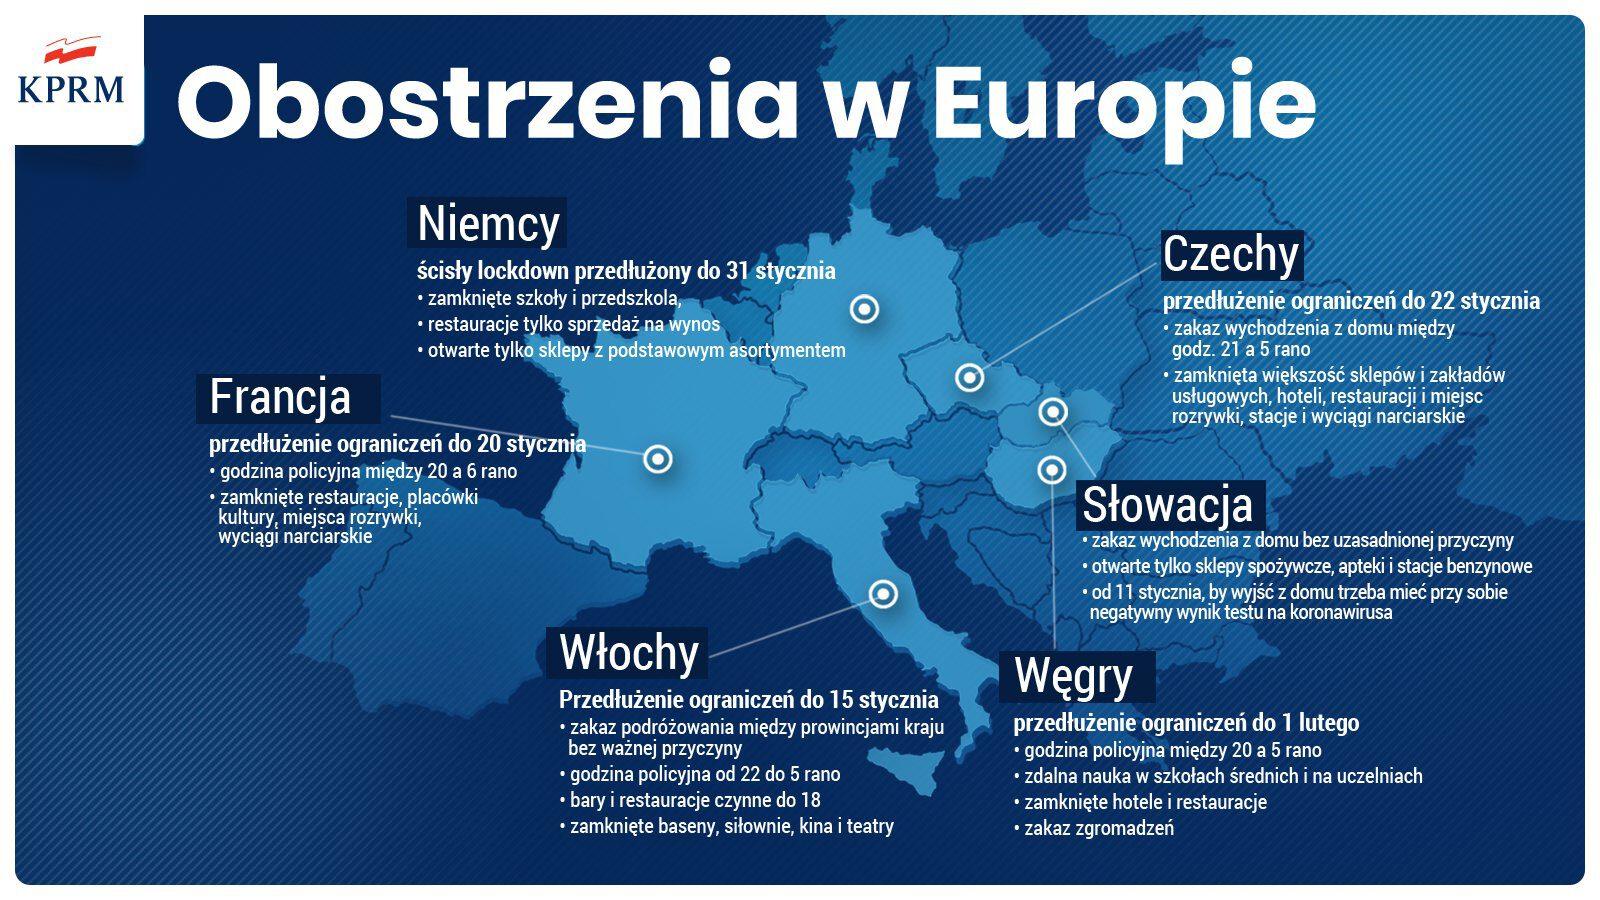 Obostrzenia w Europie w związku z Covid 19 - infografika